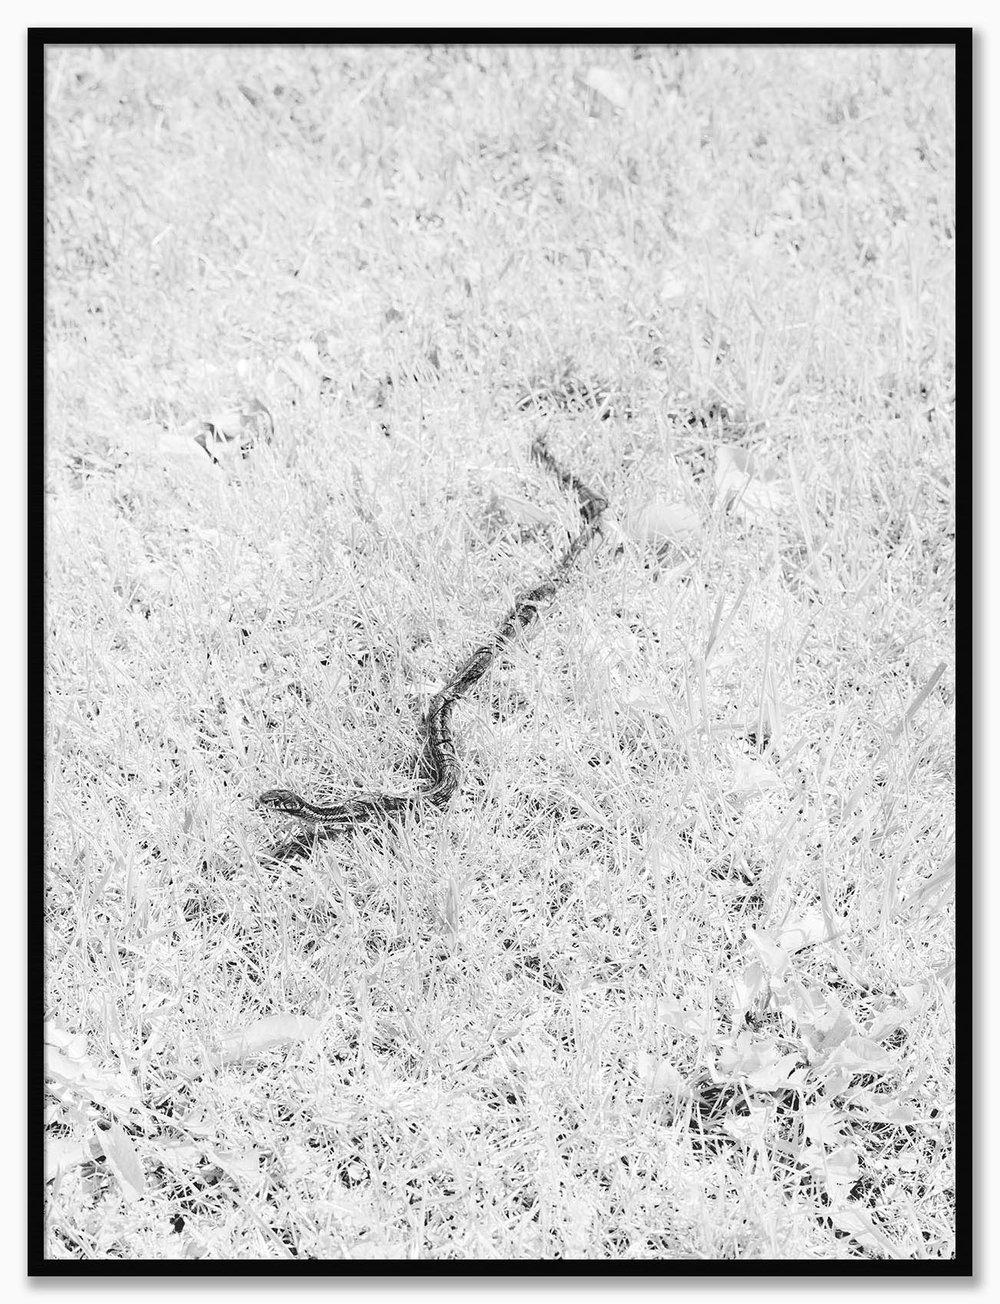 Snake_NoMat_MatteBlack.jpg